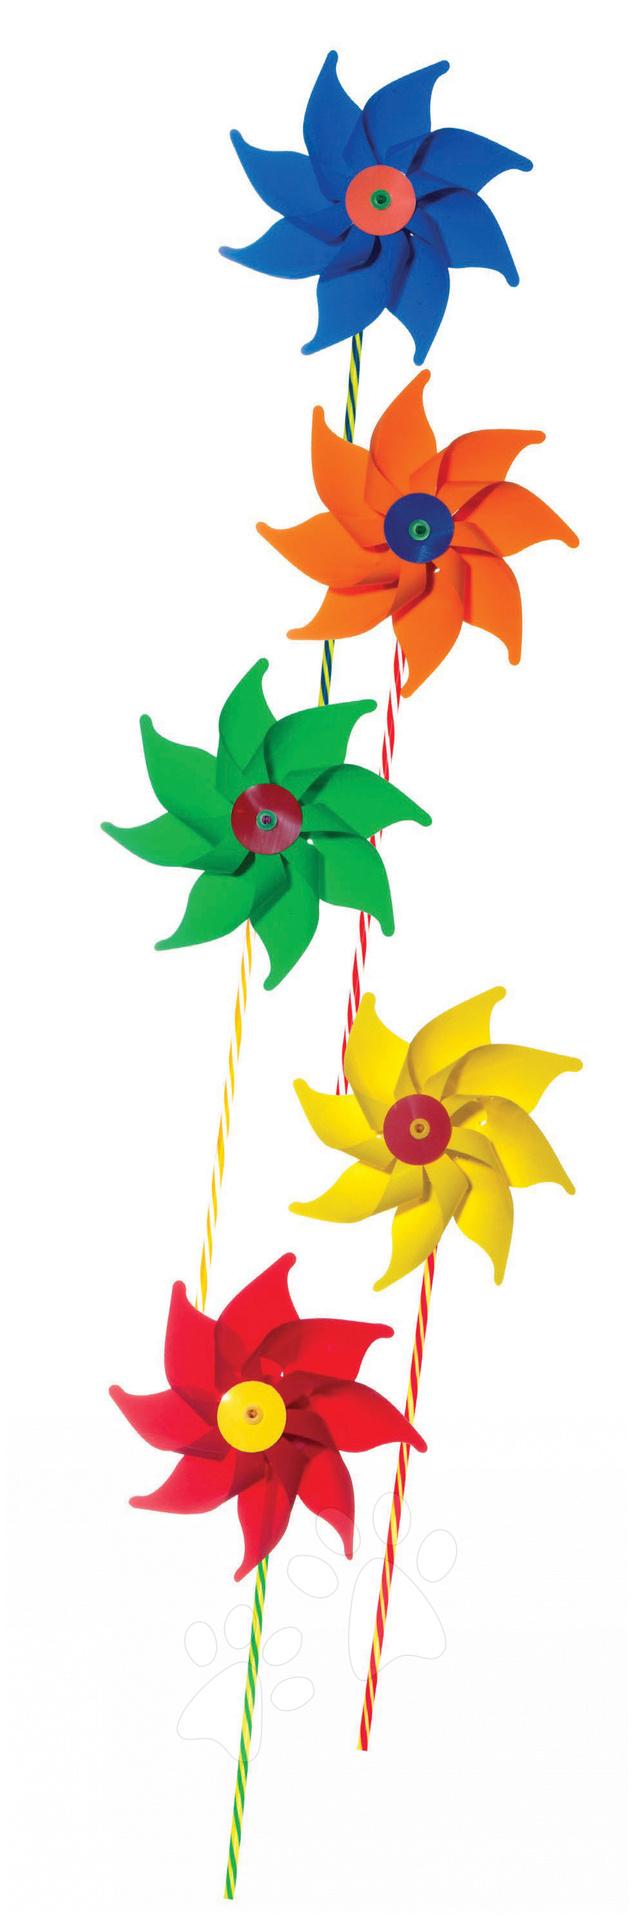 Vrtulka Giobas květiny barevné